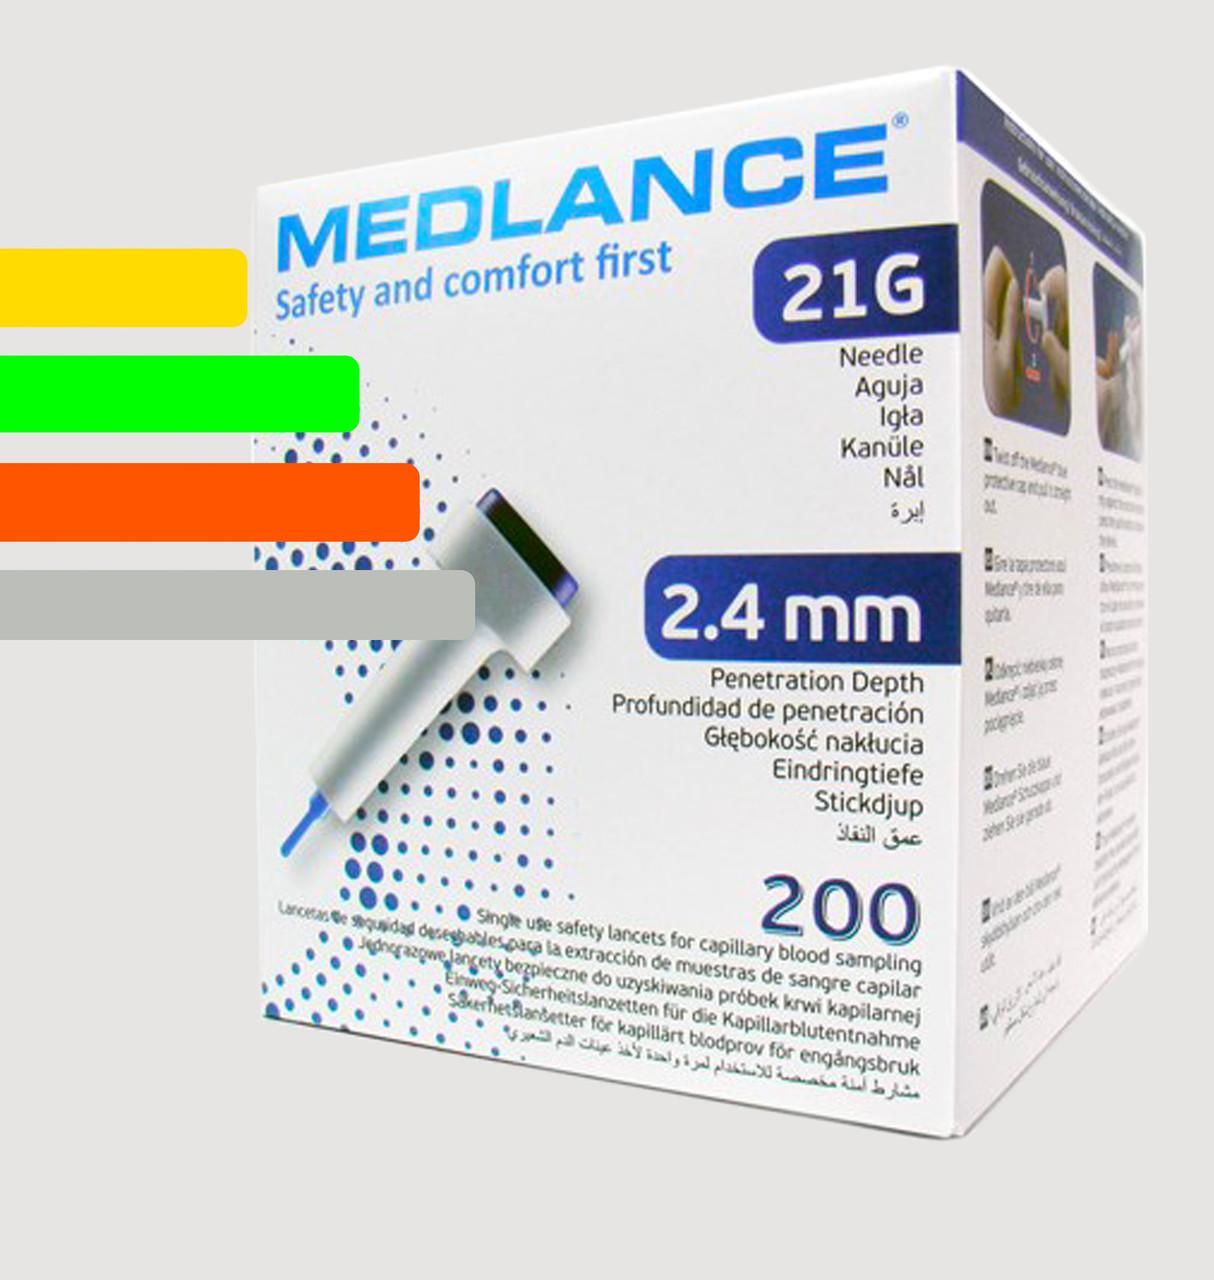 Ланцеты MEDLANCE с кнопкой, игла 21G, глубина  проникновения 2,4 мм